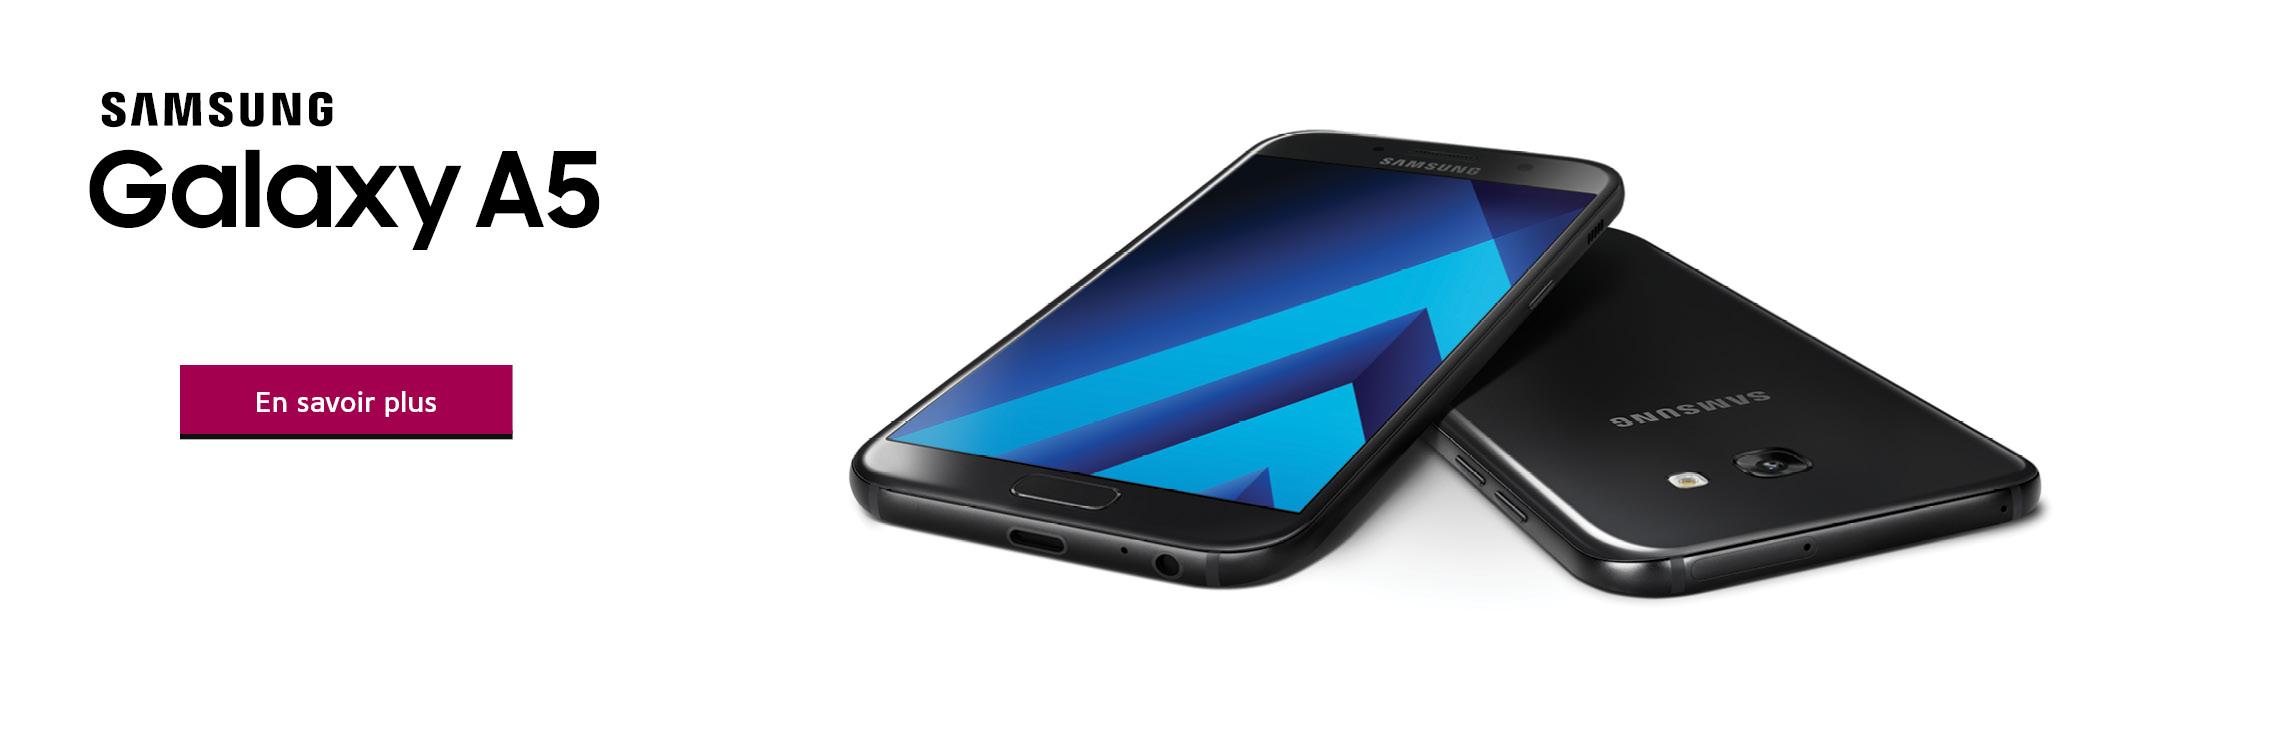 Le Samsung Galaxy A5 est disponible maintenant chez WOW! boutique mobile!